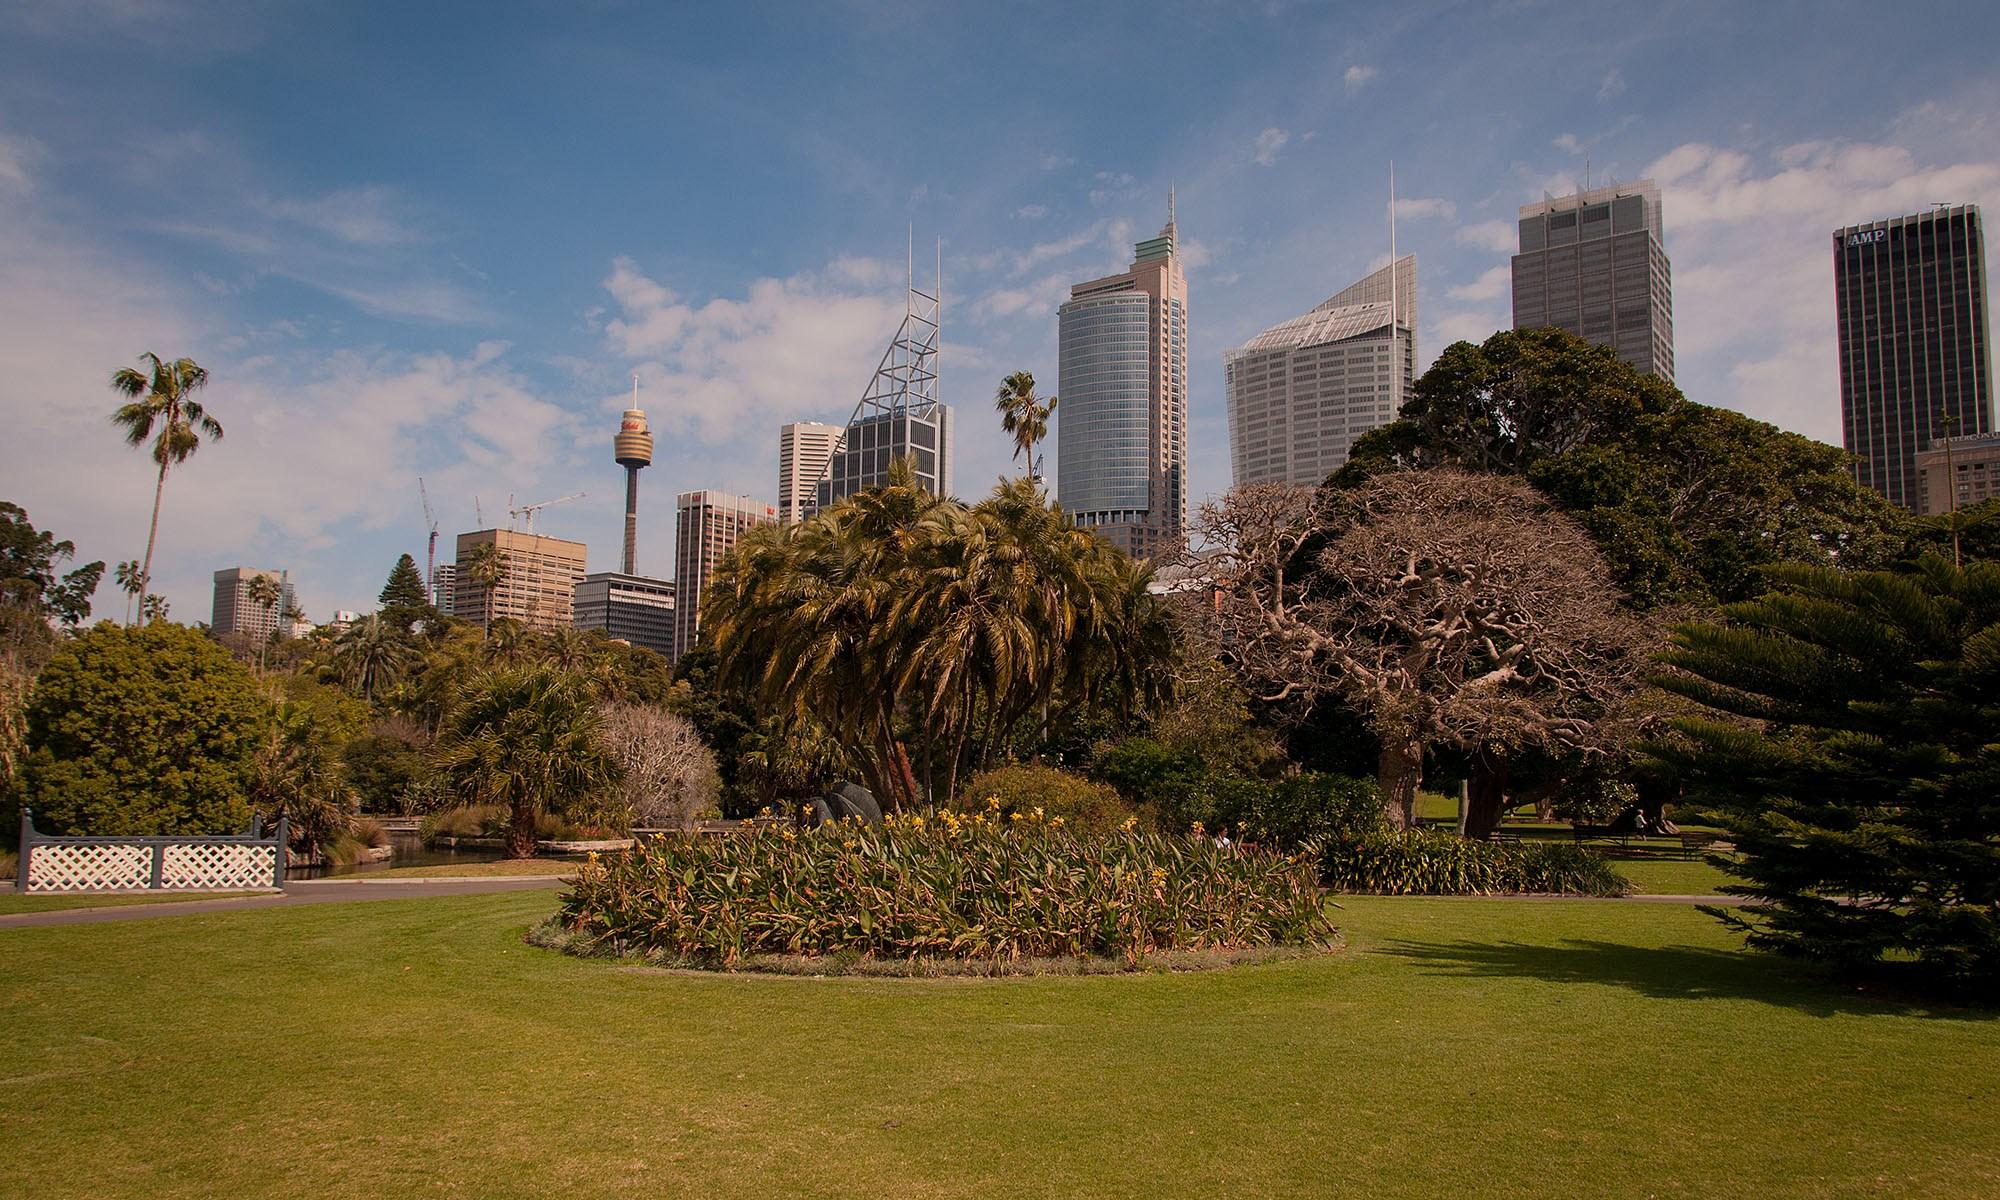 Royal Botanic Gardens, Sydney